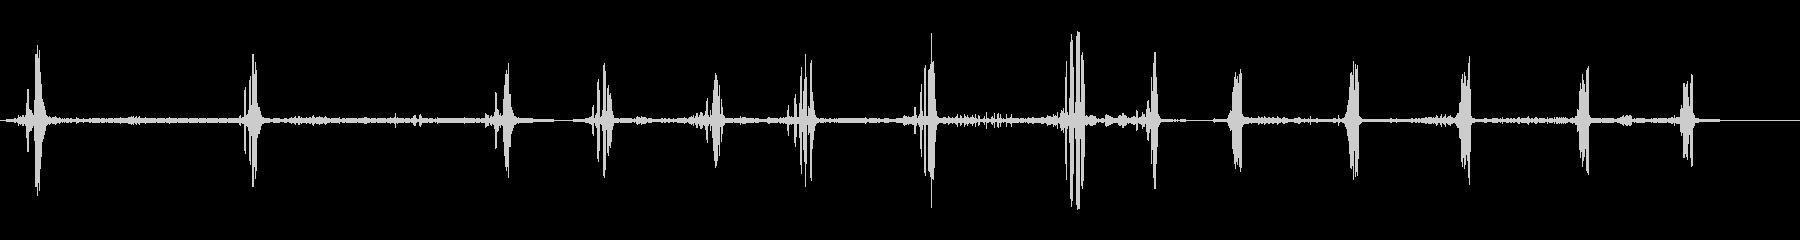 ゴールデンオリオールの未再生の波形